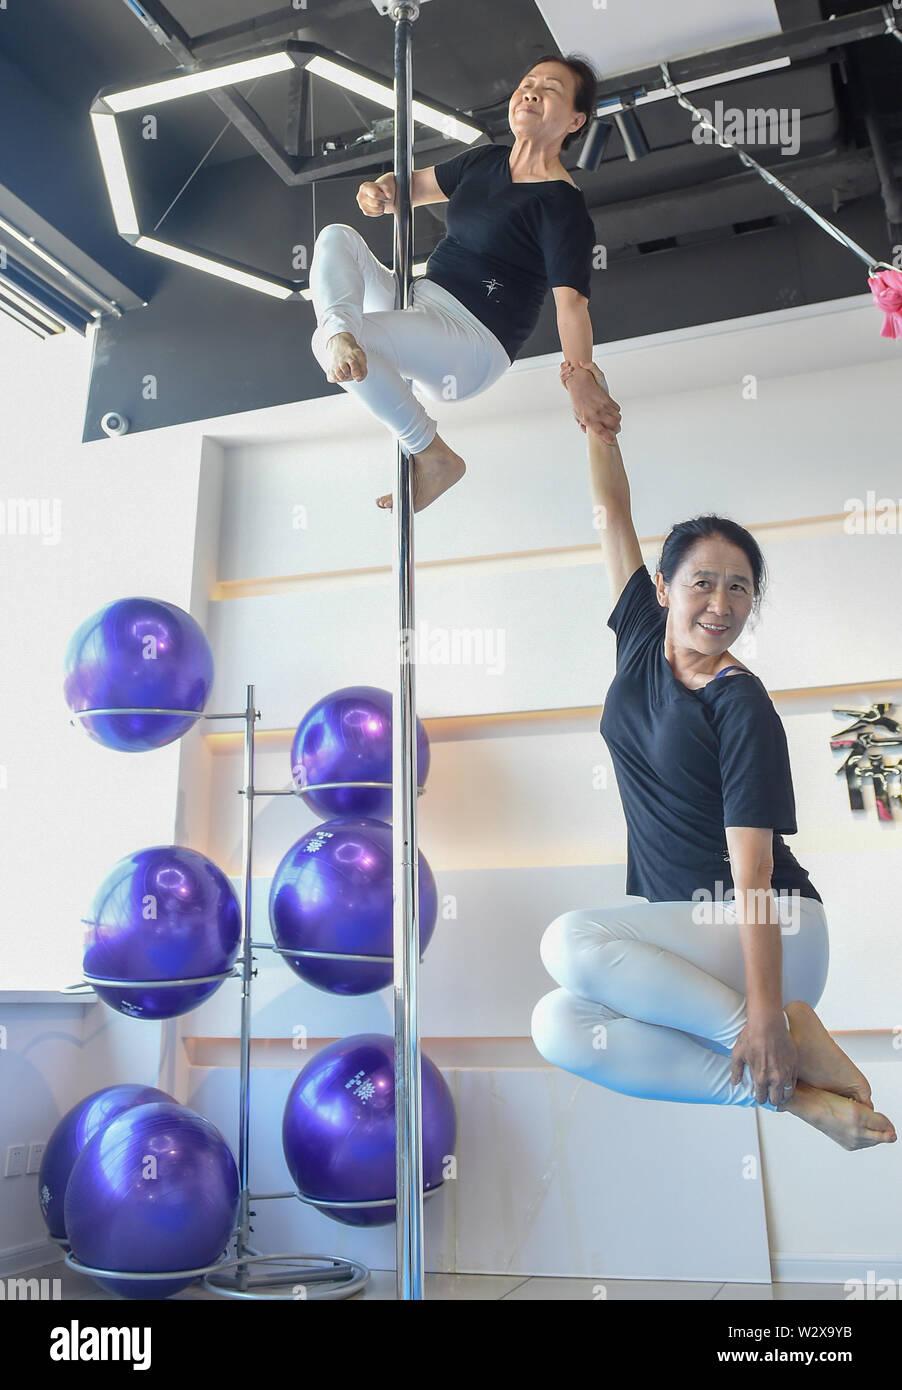 """(190711) - JILIN, Juli 11, 2019 (Xinhua) - Jiang Zhijun (oben) und Li Fengmei Praxis Pole Dancing im Tanzsaal in Jilin Stadt, im Nordosten Chinas in der Provinz Jilin, 10. Juli 2019. Eine Gruppe von Dama, was sich auf die Legionen von meist im mittleren Alter Frauen, bildeten ein Team von Pole Dancing in Jinlin Stadt, im Nordosten Chinas in der Provinz Jilin im Jahr 2016. Die Mannschaft hat acht Mitglieder mit einem Durchschnittsalter von 64. """"Pole Dancing für seine Weichheit und Stärke bekannt ist, sagt Jiang Zhijun, der 68-jährige Teamleiter."""" Wir begannen mit grundlegenden Krafttraining, ging dann nach vorn high-level bewegt sich schrittweise."""". Stockfoto"""